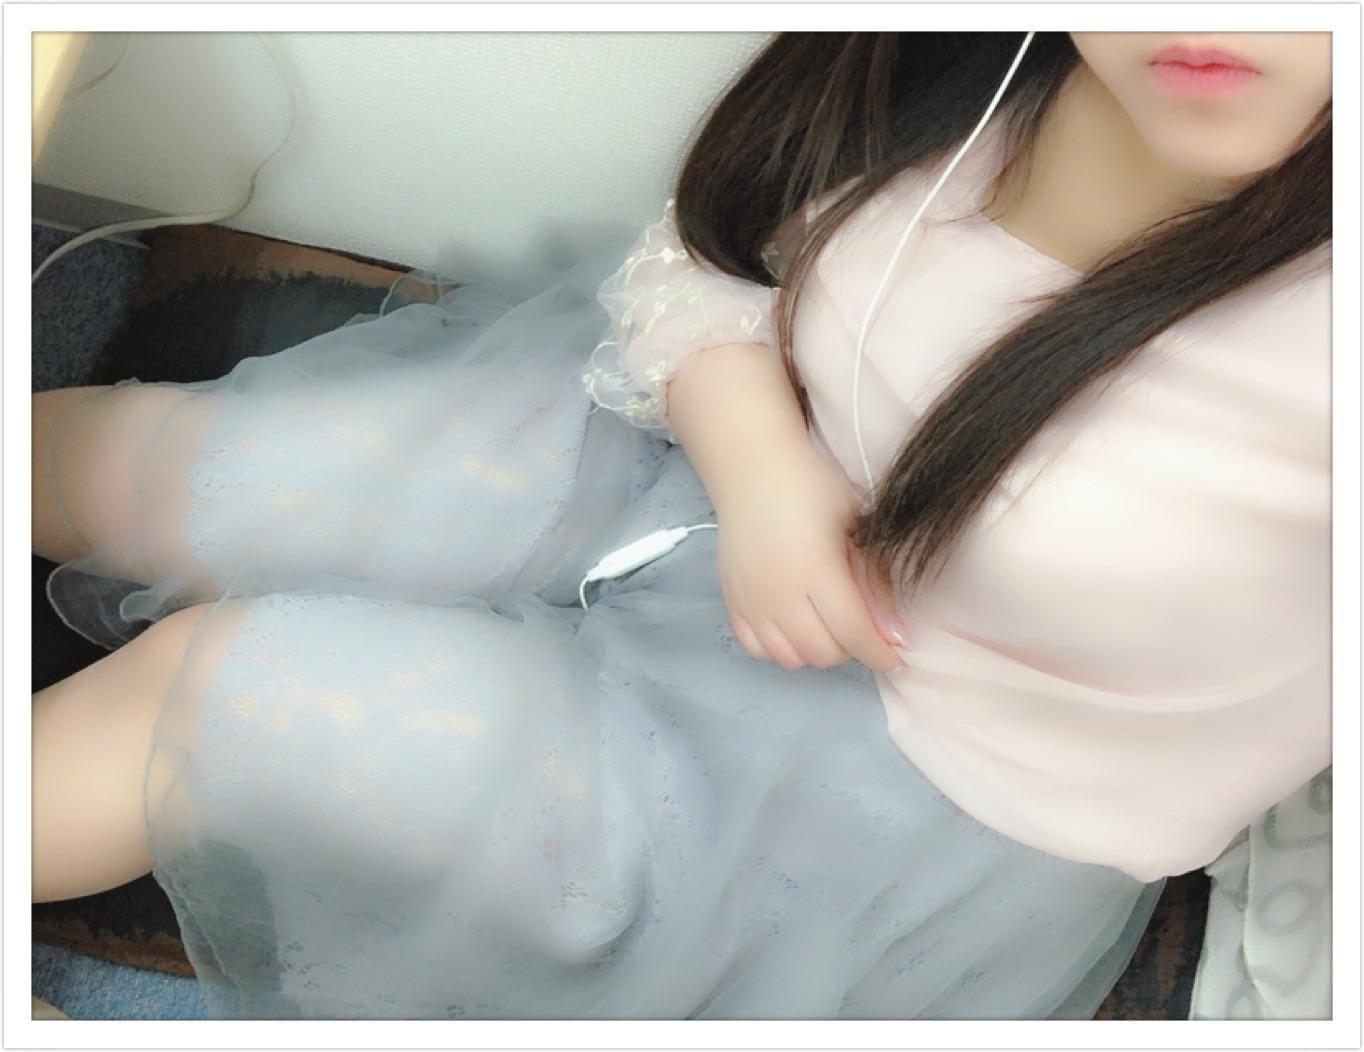 てんしもえ「お礼*」05/24(金) 23:04 | てんしもえの写メ・風俗動画